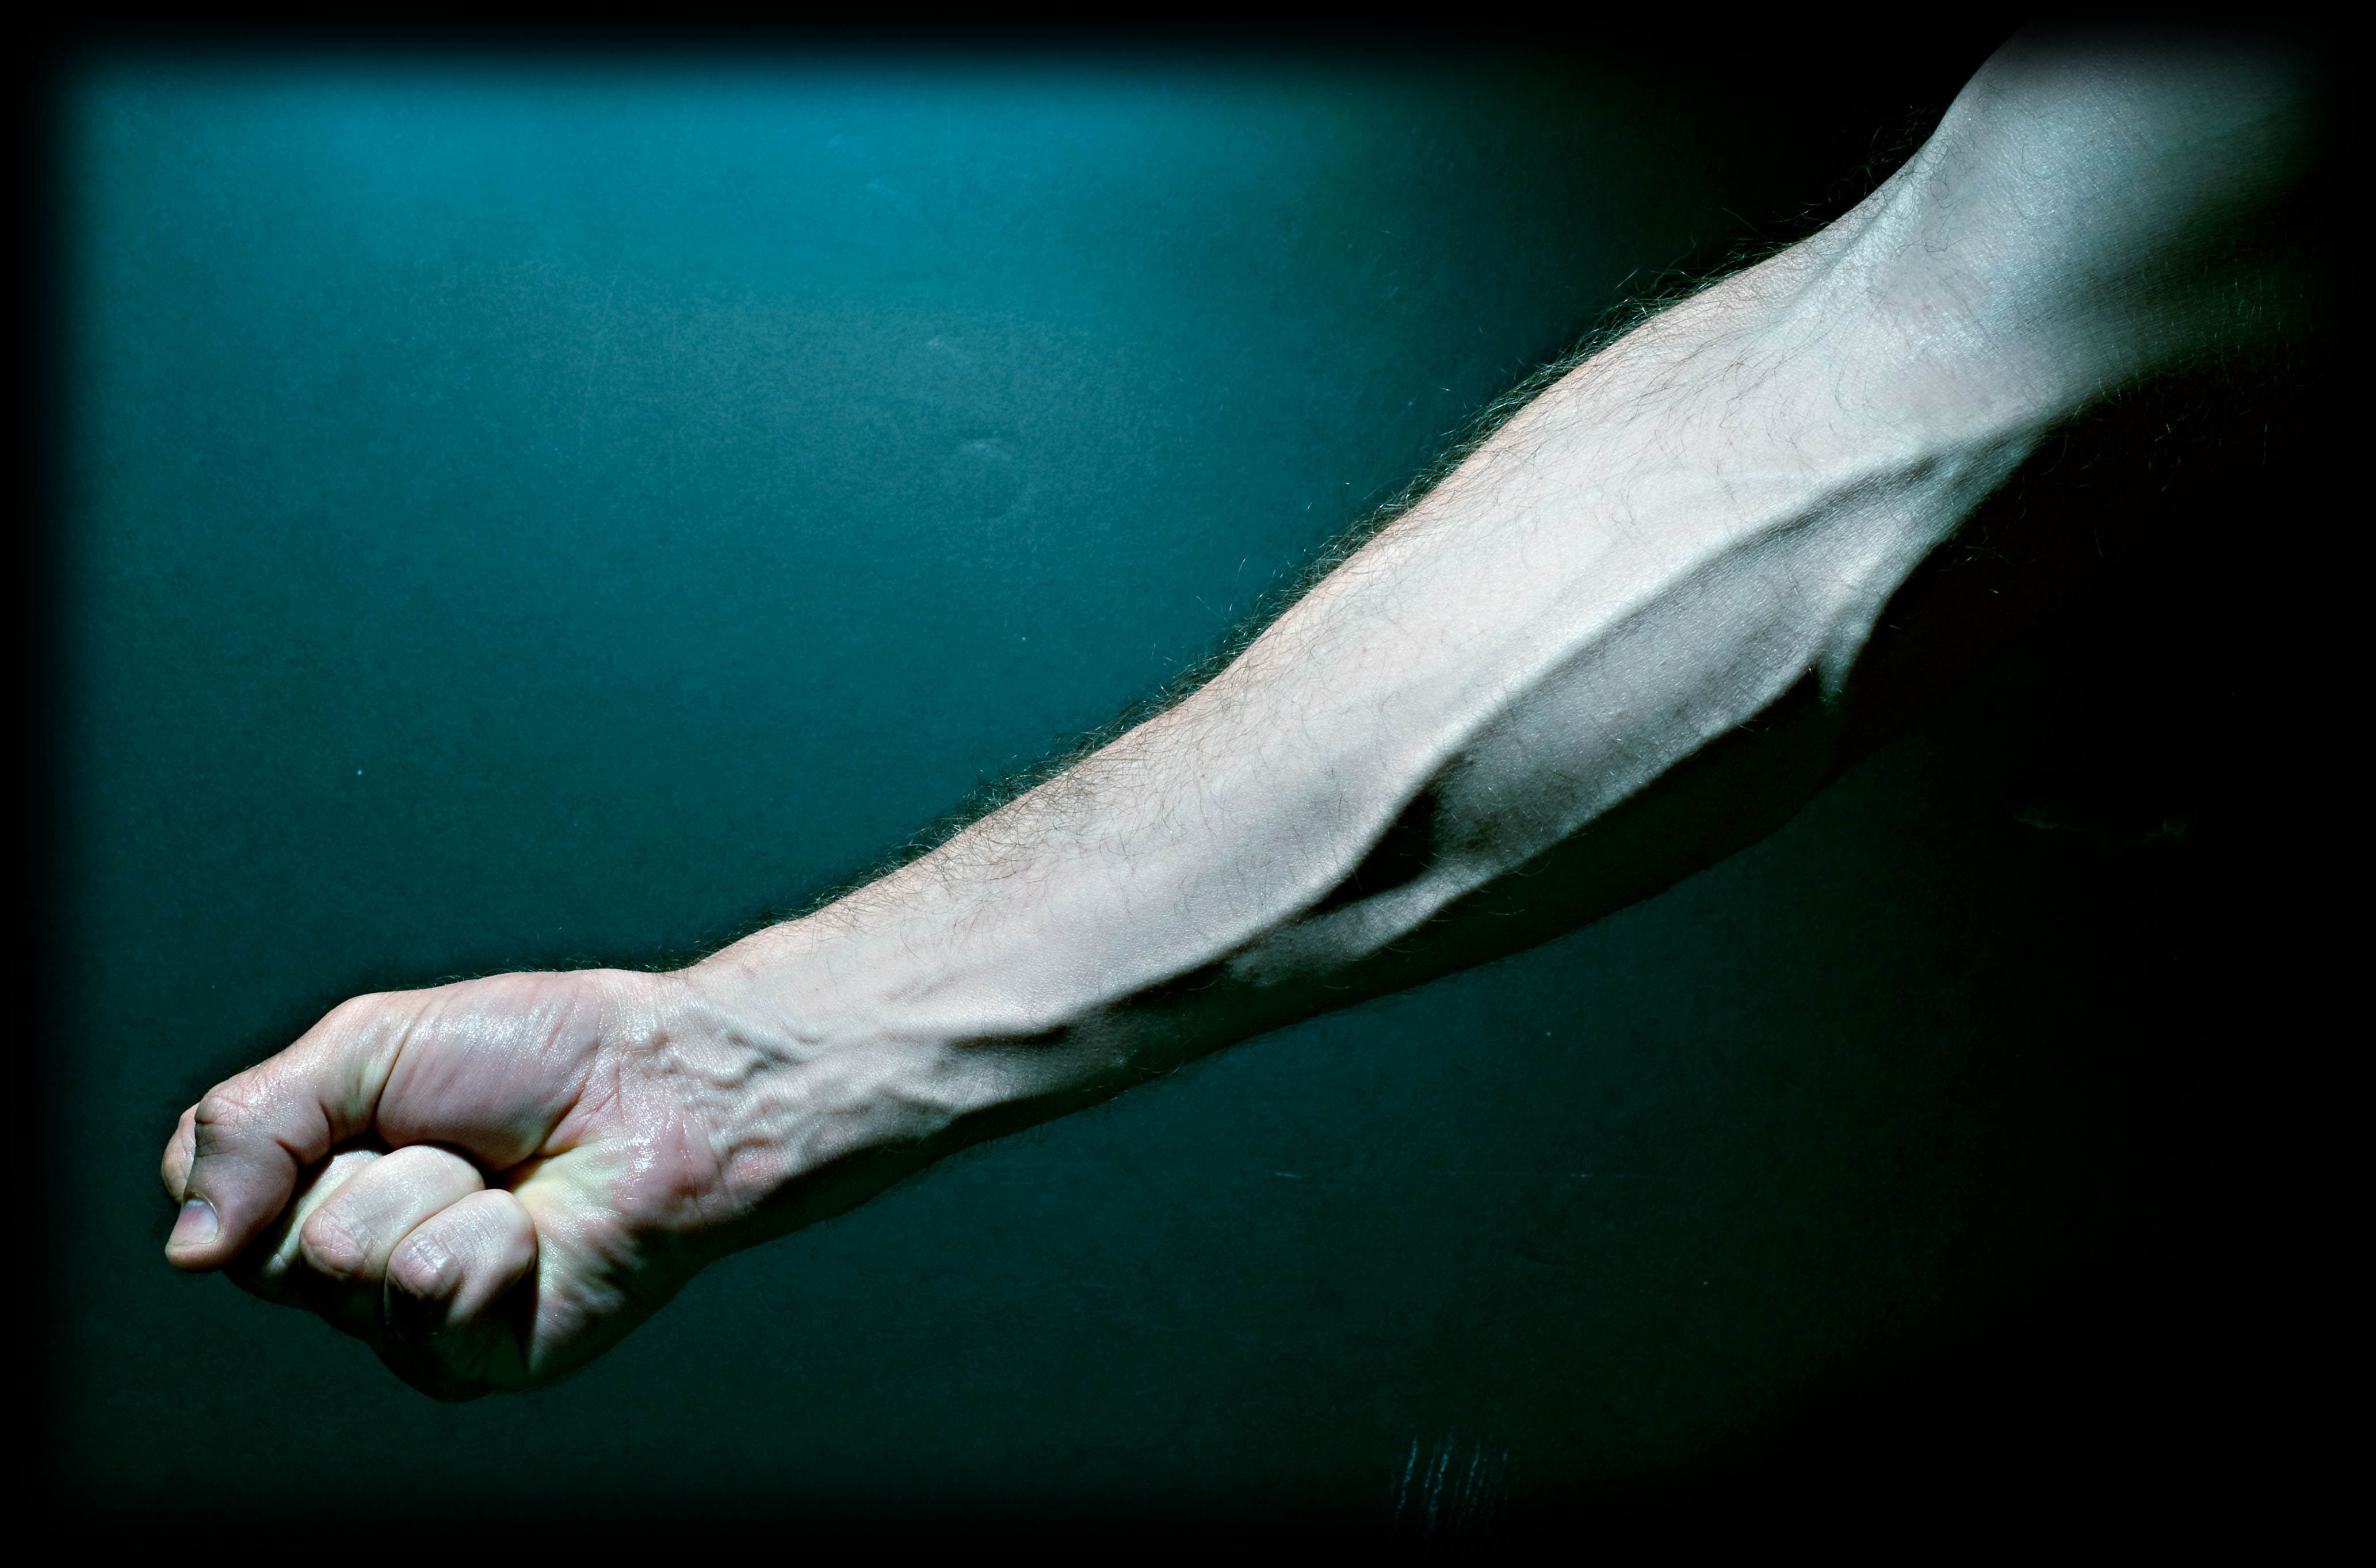 Datei:Arm veins - 20090522.jpg – Boarische Wikipedia